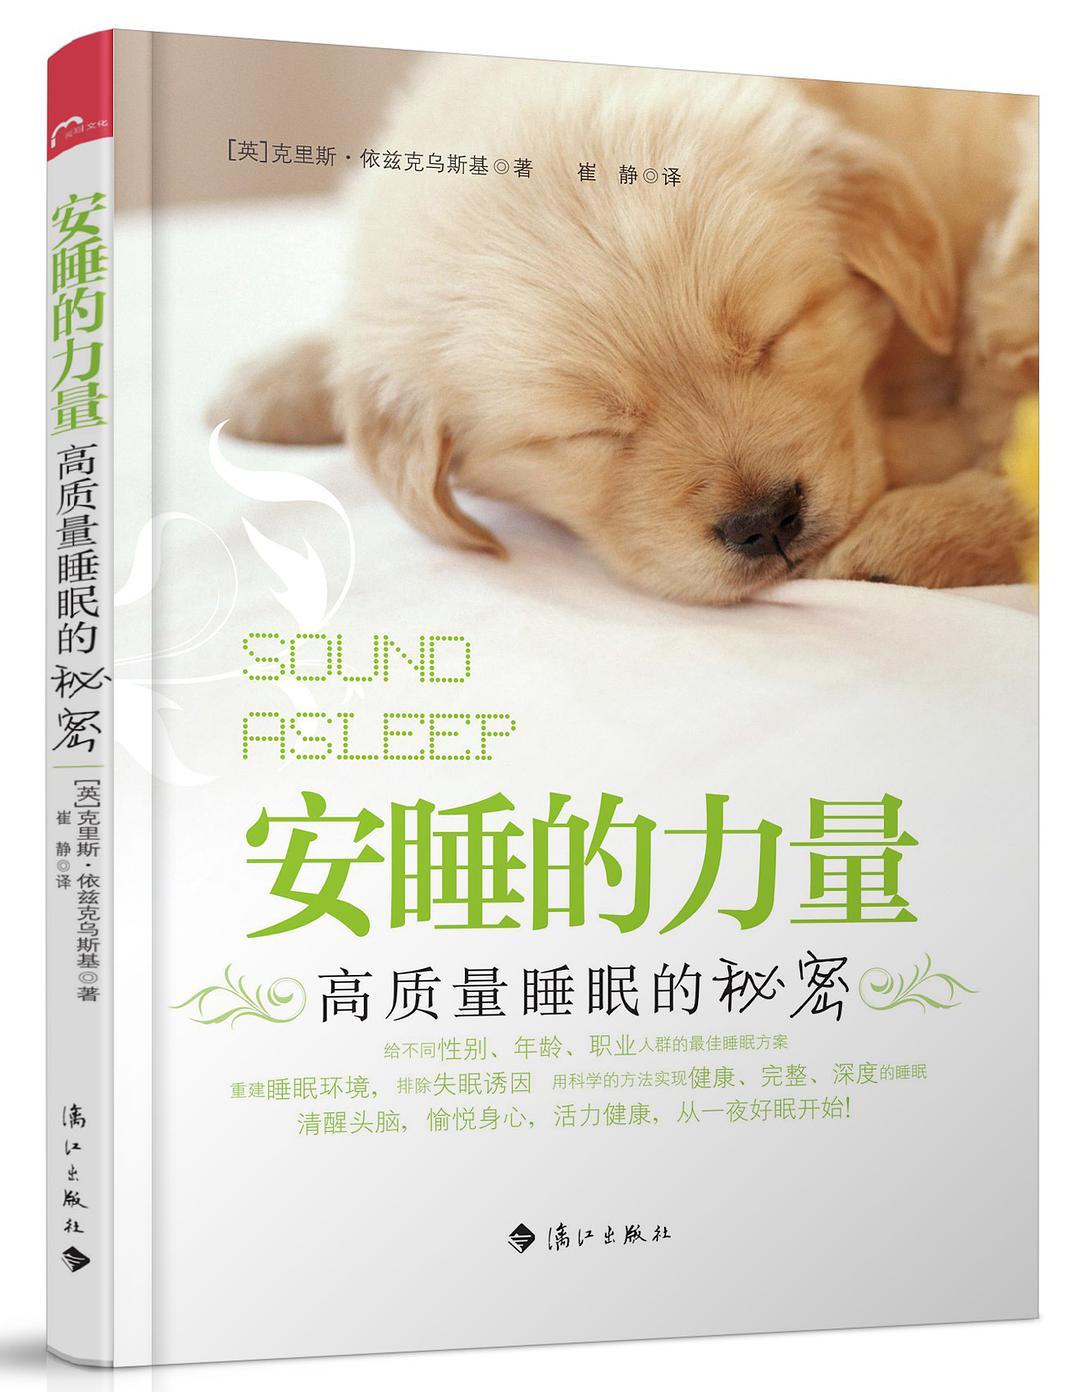 安睡的力量-好书天下